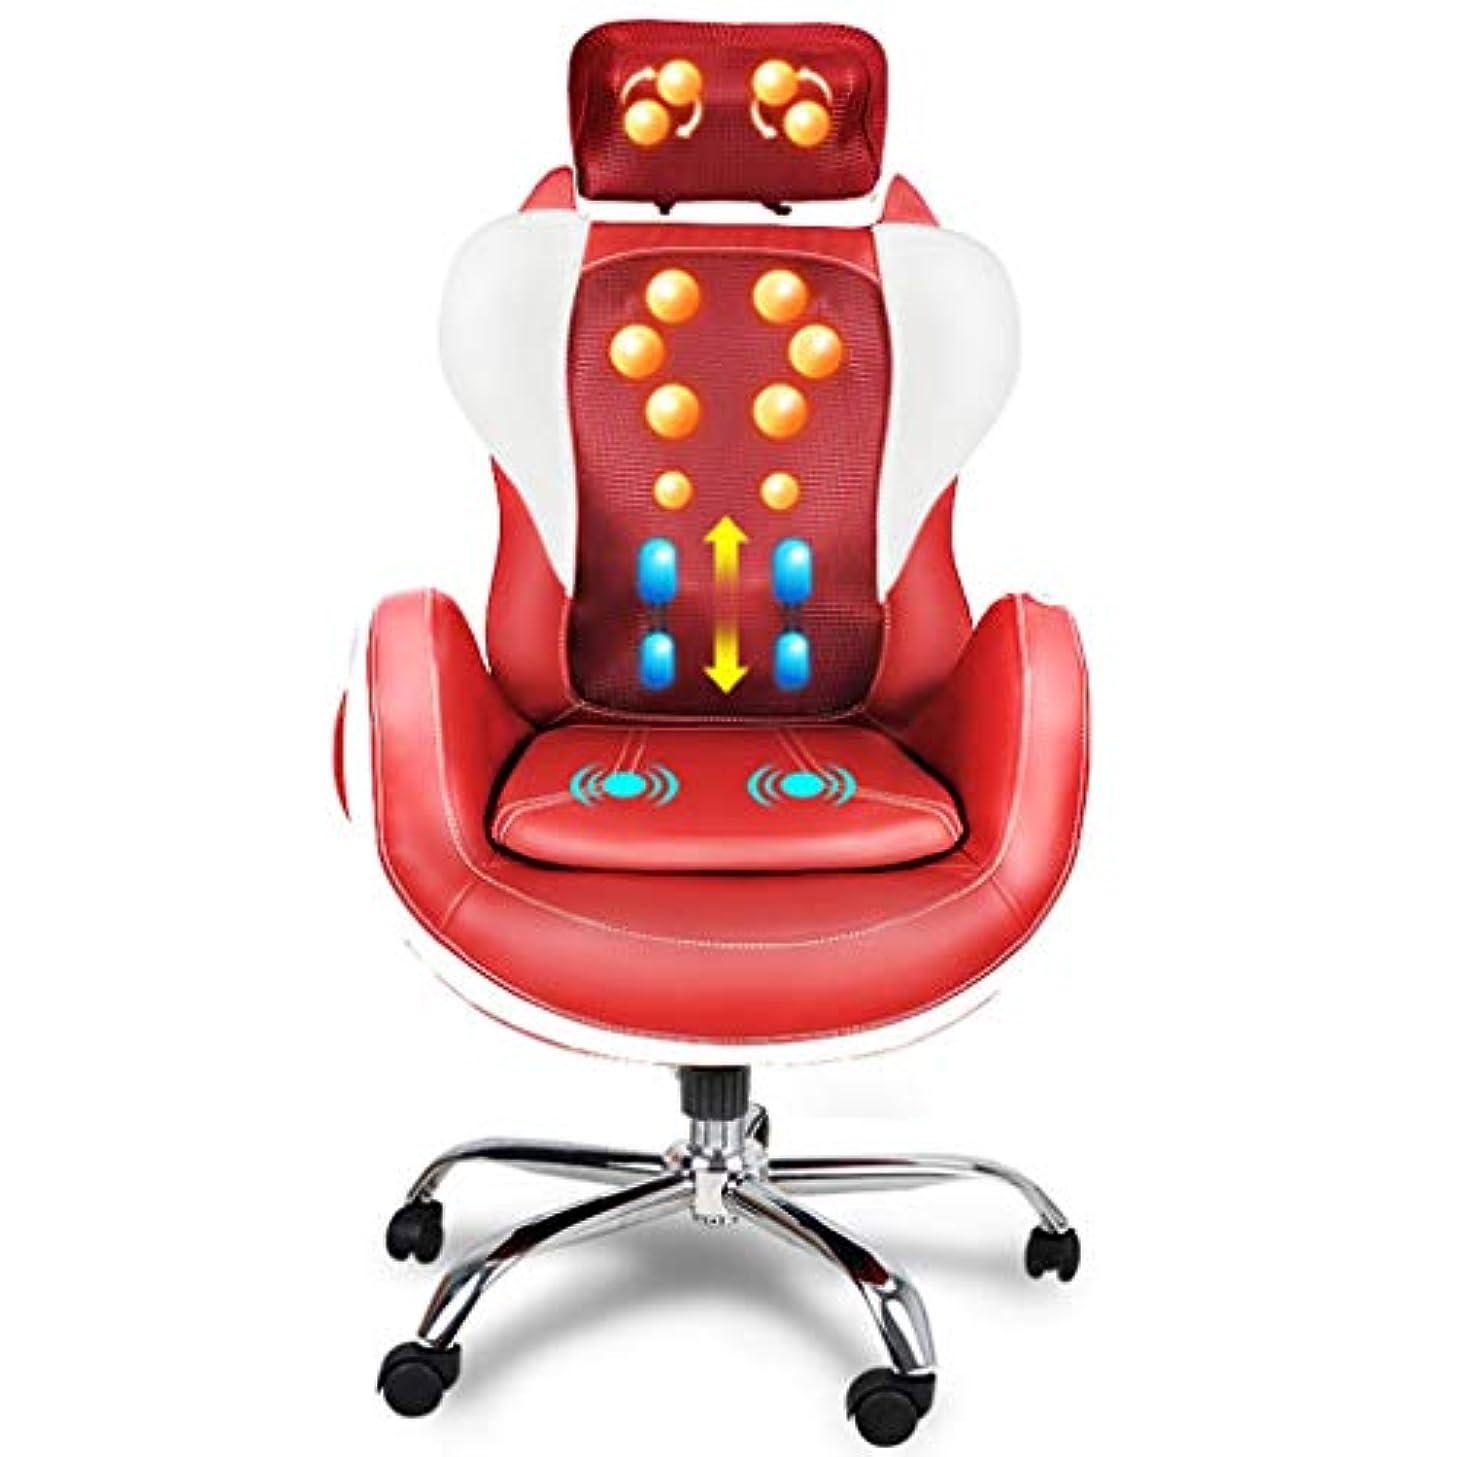 ロマンチックセラフ健康フル 体 ケア 贅沢な 熱 オフィス Eletric マッサージ 椅子 体 マッサージ 椅子 コンピュータチェア 回転椅子 多機能 マッサージ器。 MAG.AL,Red